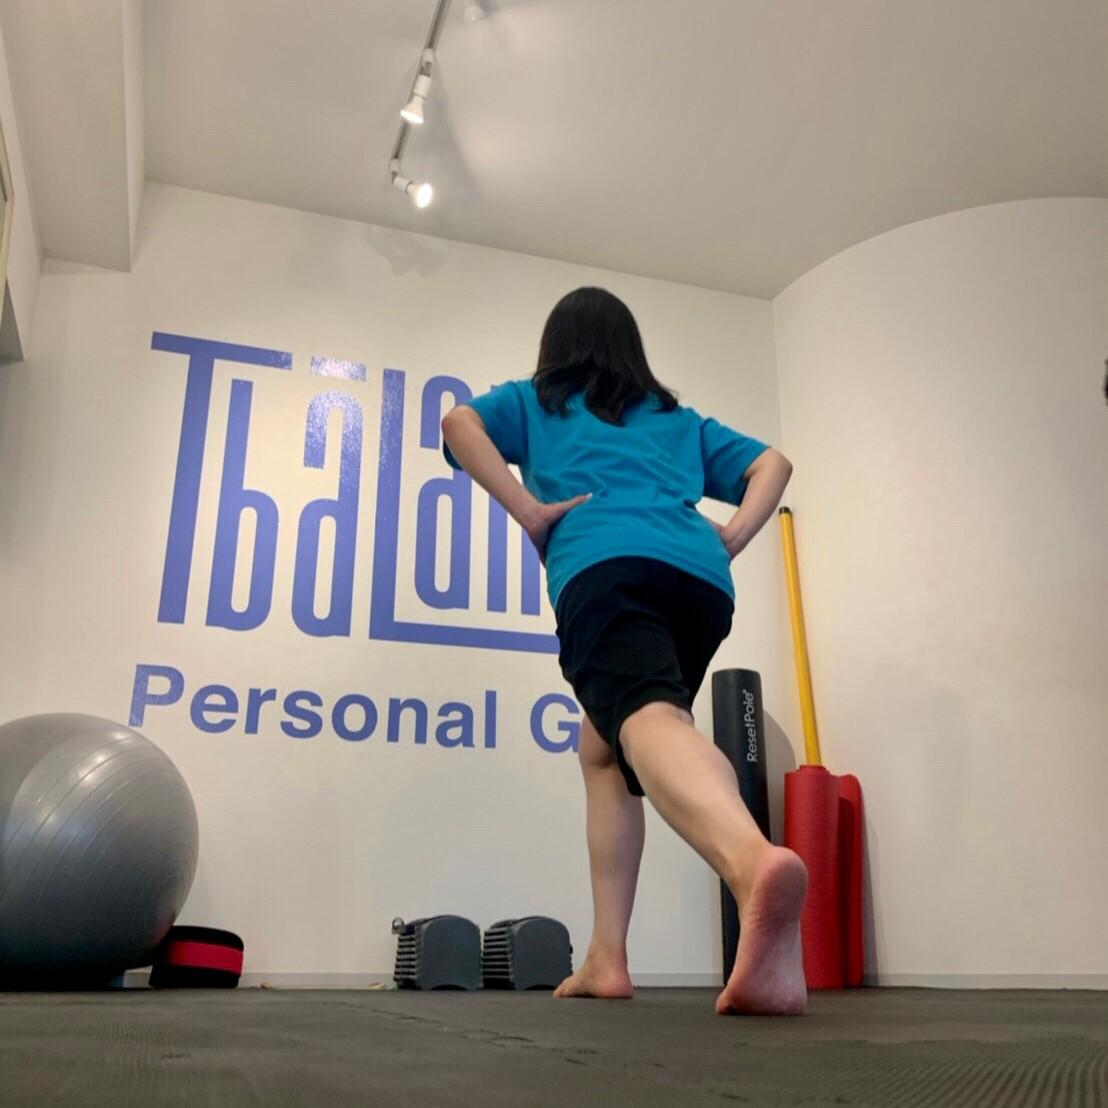 パーソナルトレーニングジムティーバランス秋葉原店の女性トレーニング風景